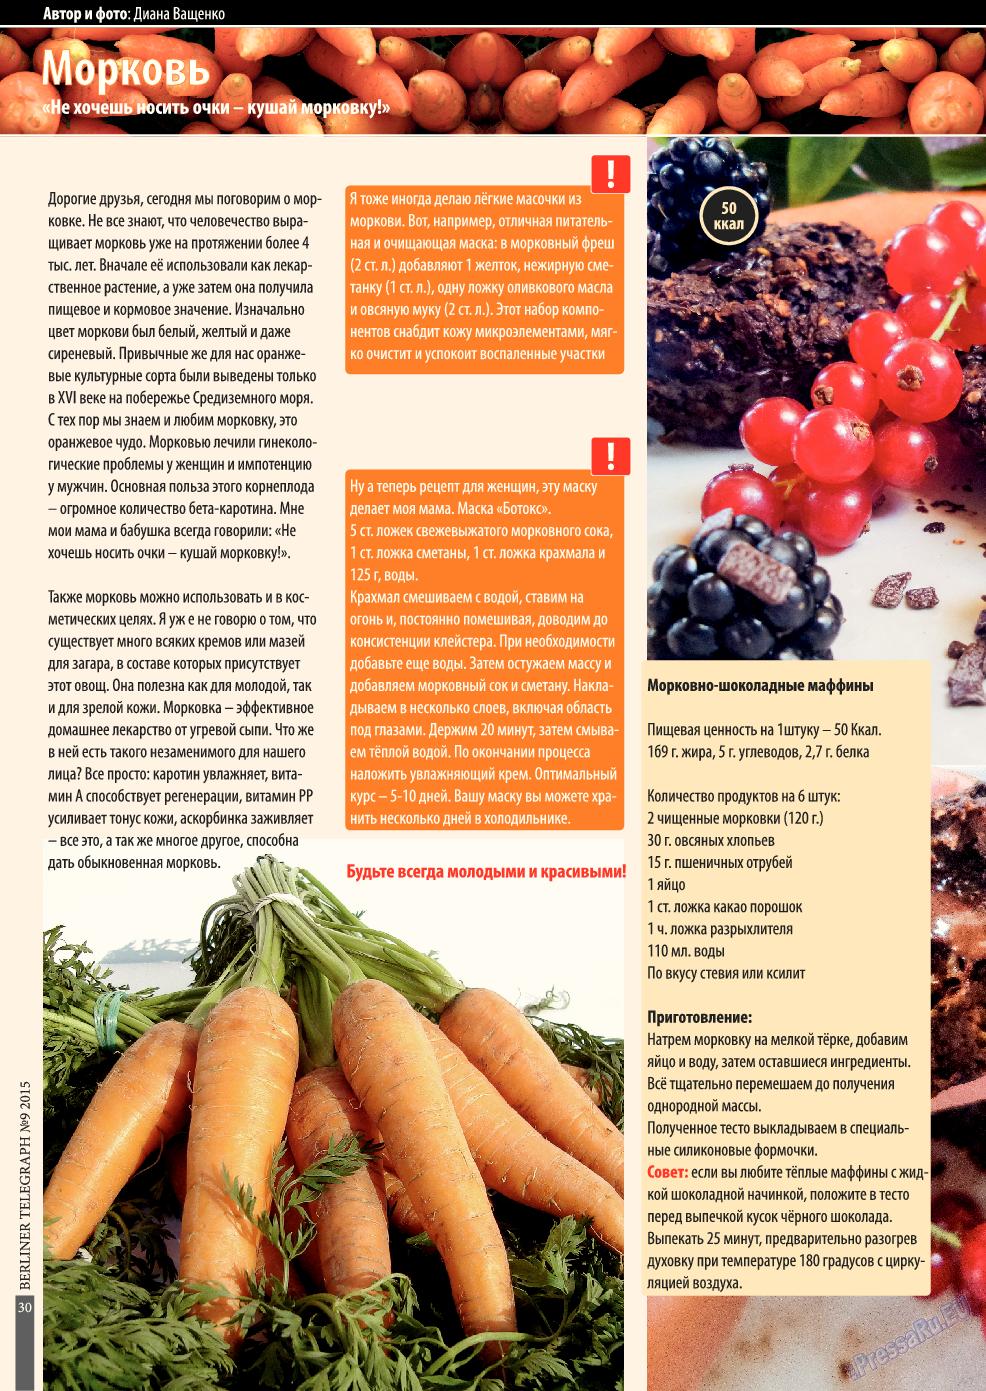 Берлинский телеграф (журнал). 2015 год, номер 9, стр. 30